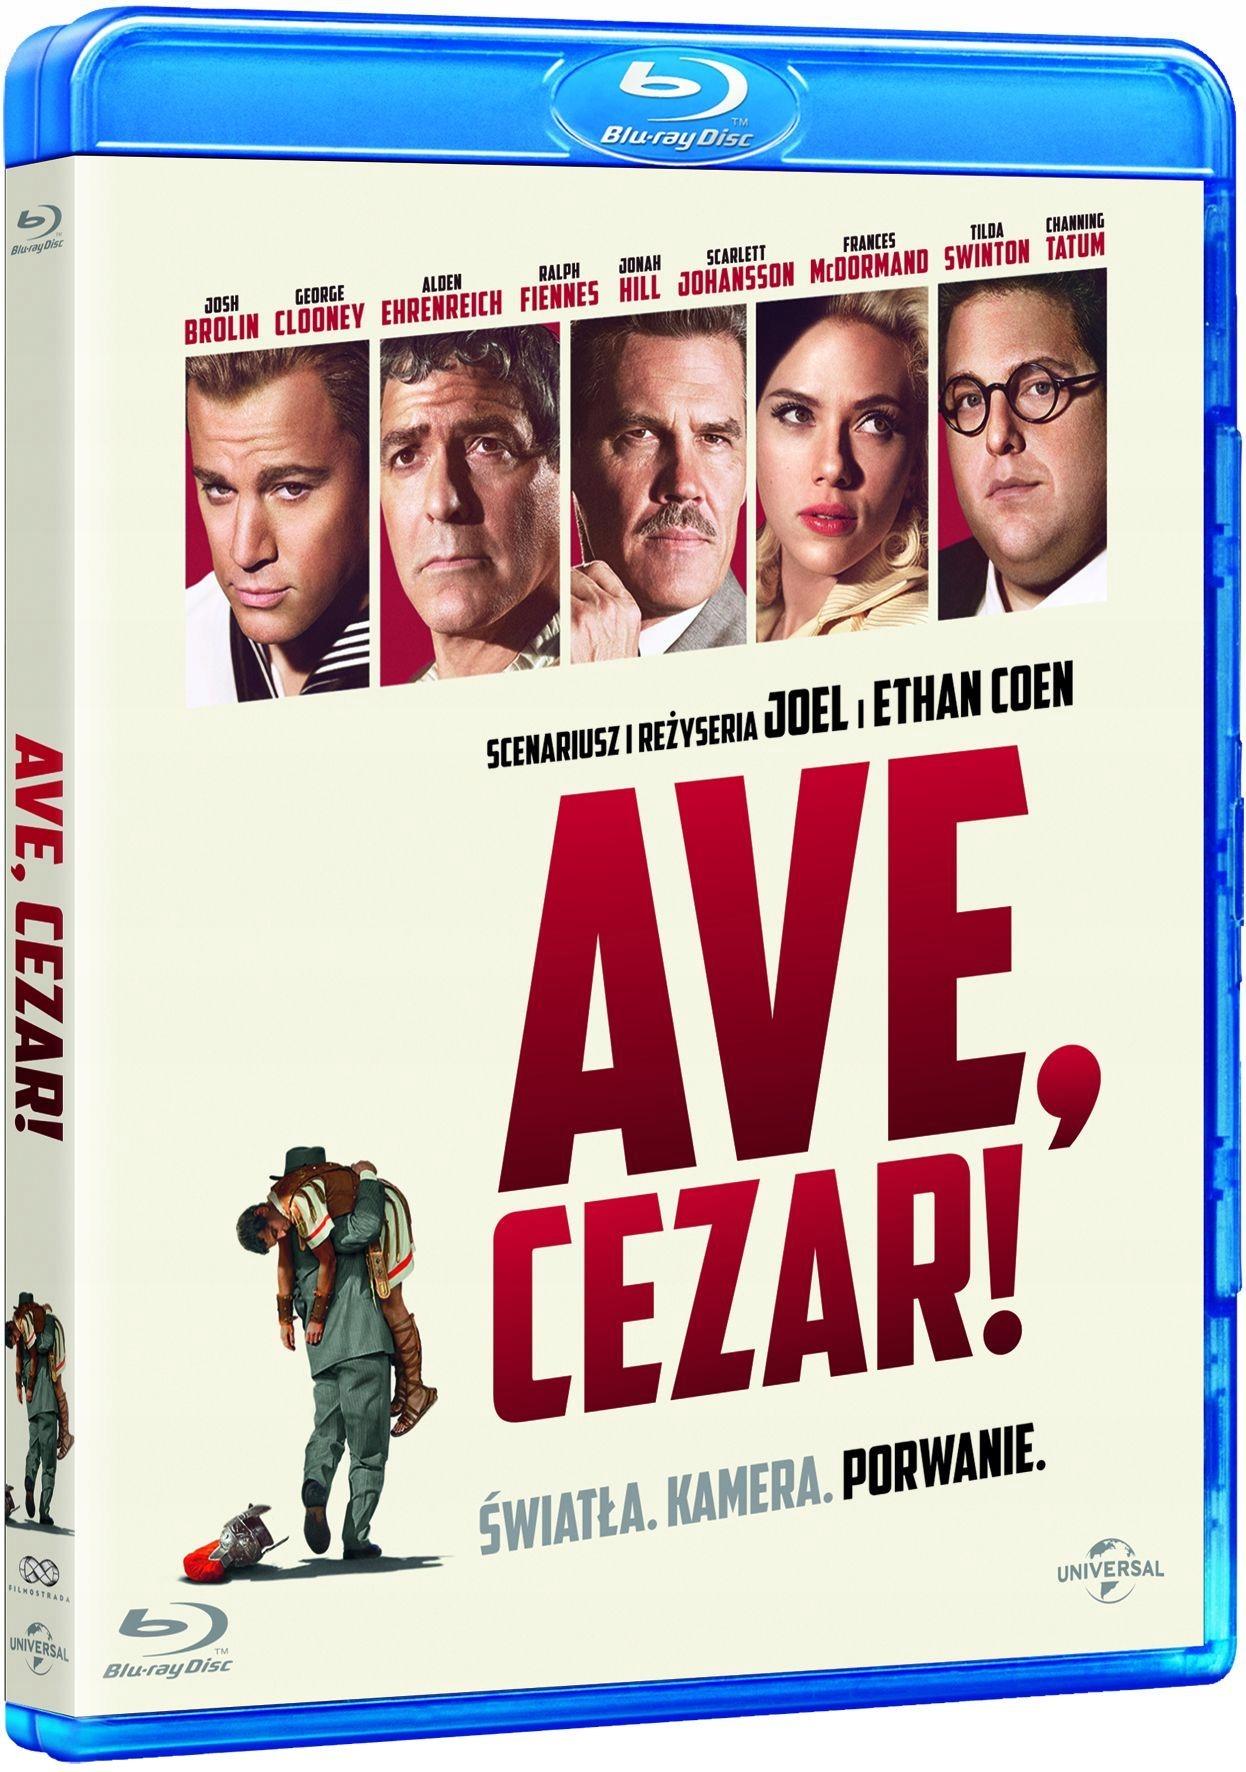 Ave Cezar! DVD BLUE RAY